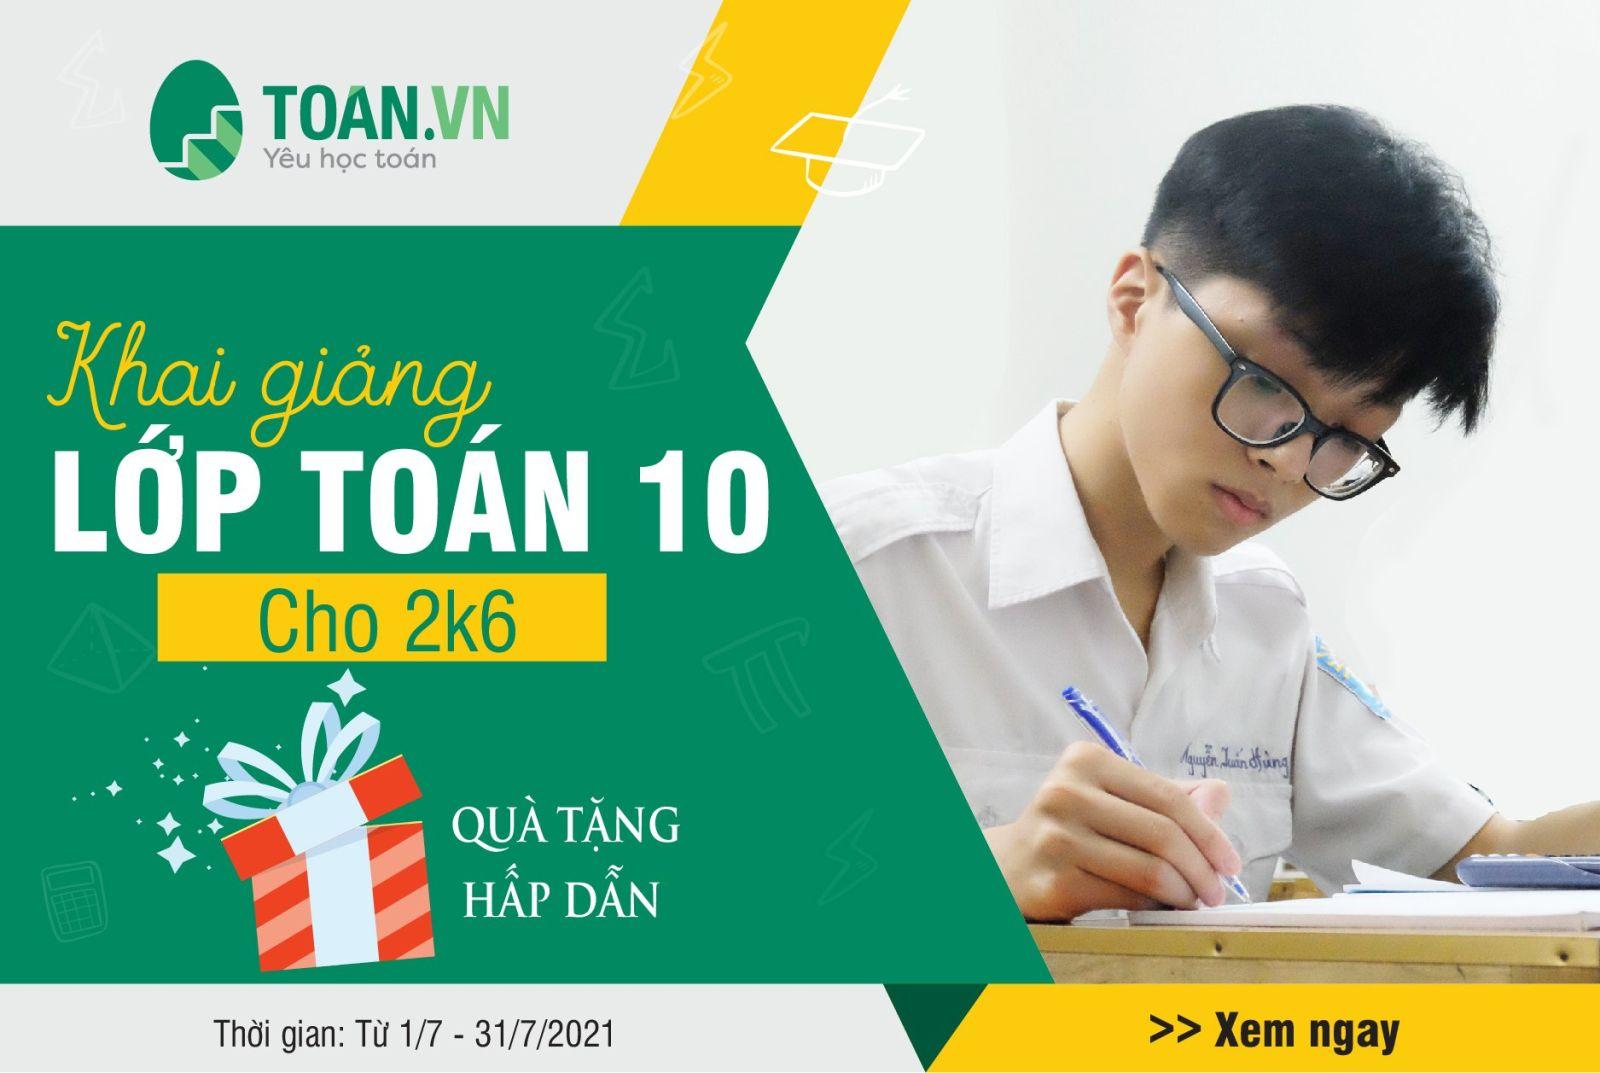 KHAI GIẢNG LỚP TOÁN 10 MỚI - TRI ÂN VÀNG TẶNG 2K6